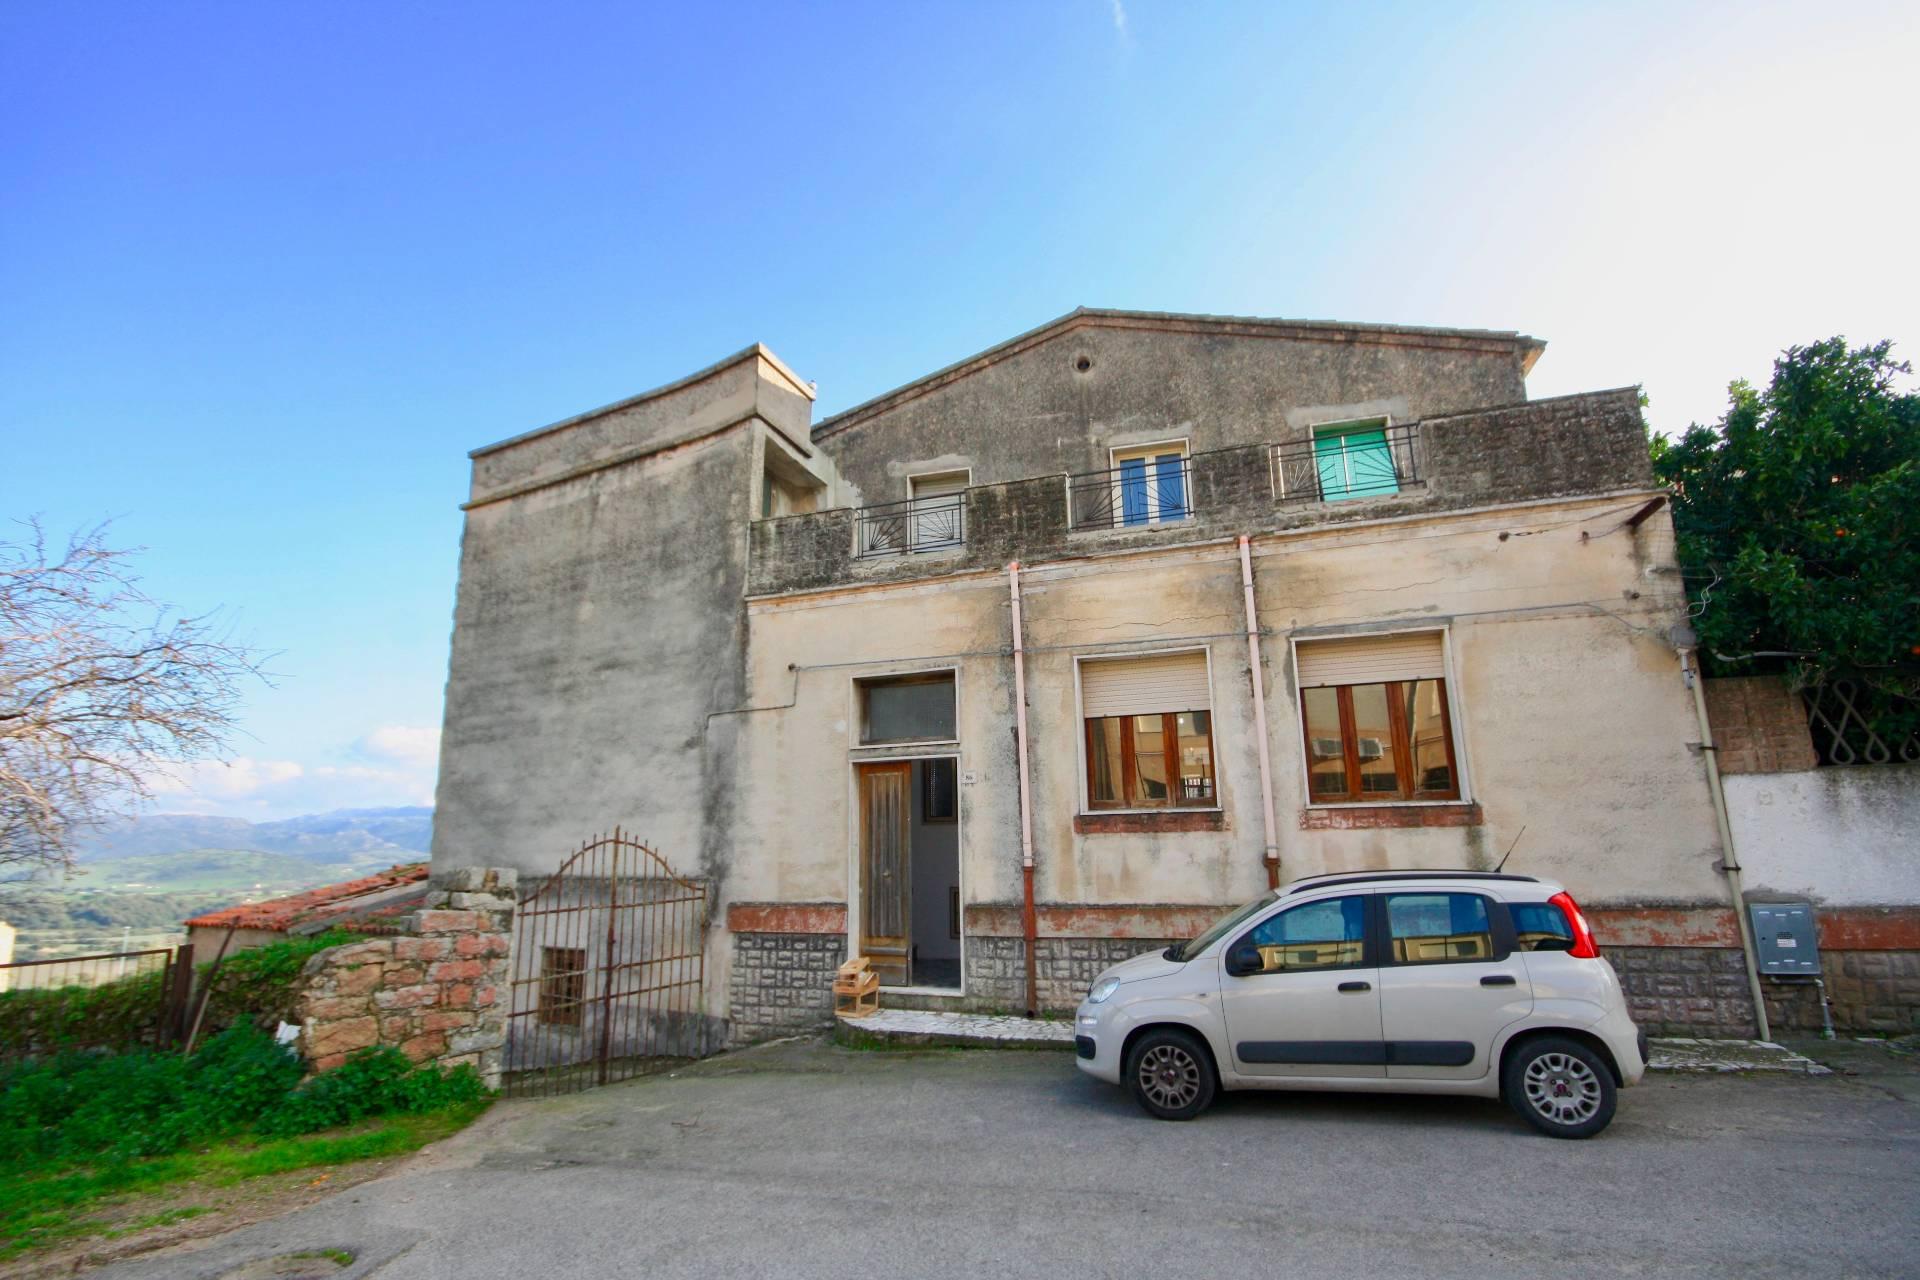 Soluzione Indipendente in vendita a Berchidda, 7 locali, prezzo € 180.000 | CambioCasa.it